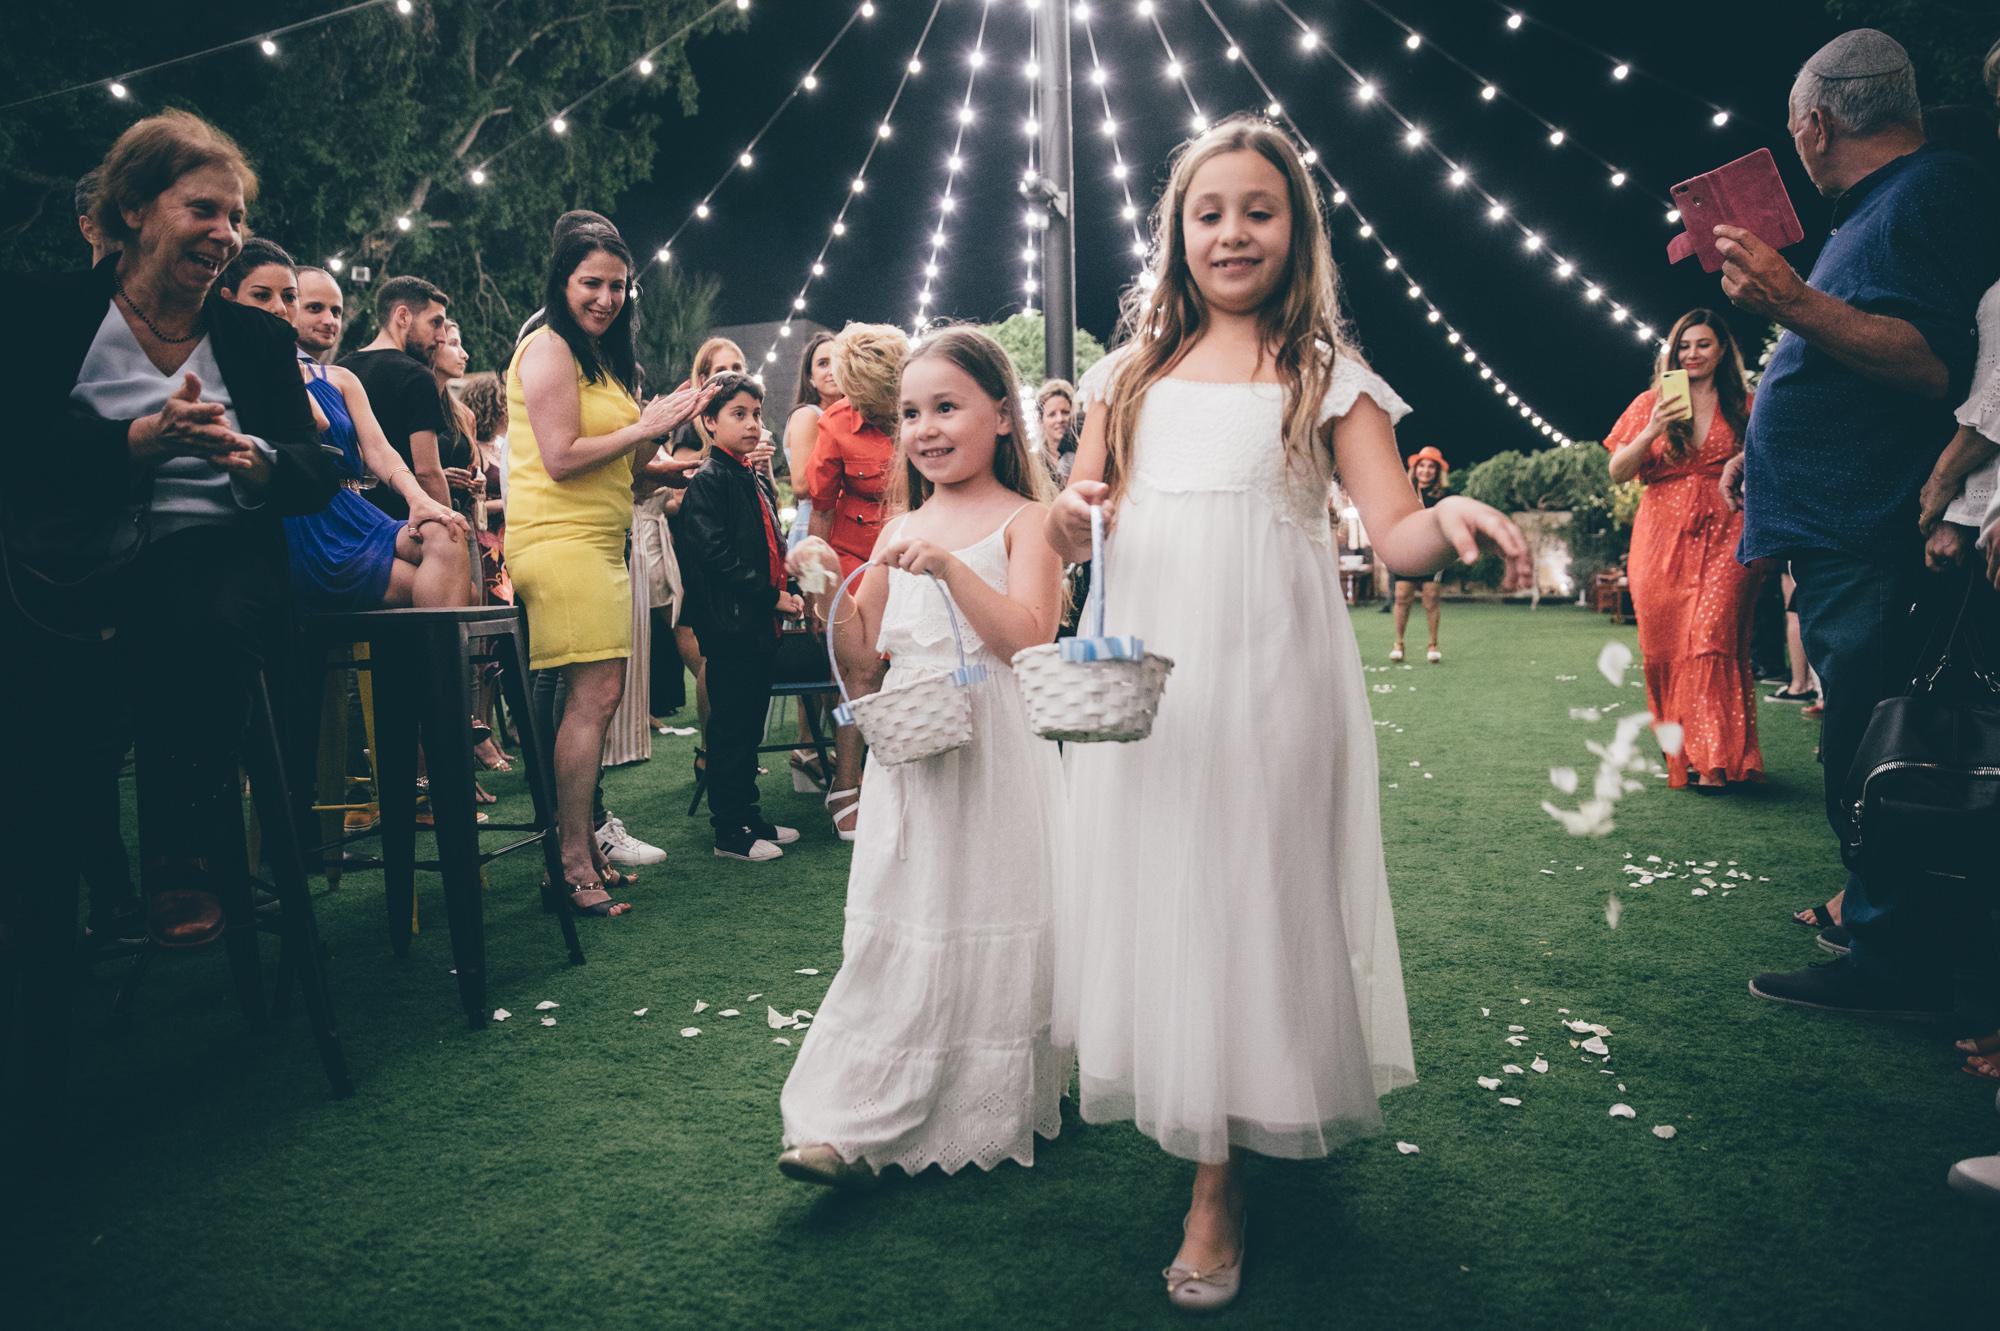 Wedding photos by - Asaf Kliger-72.jpg